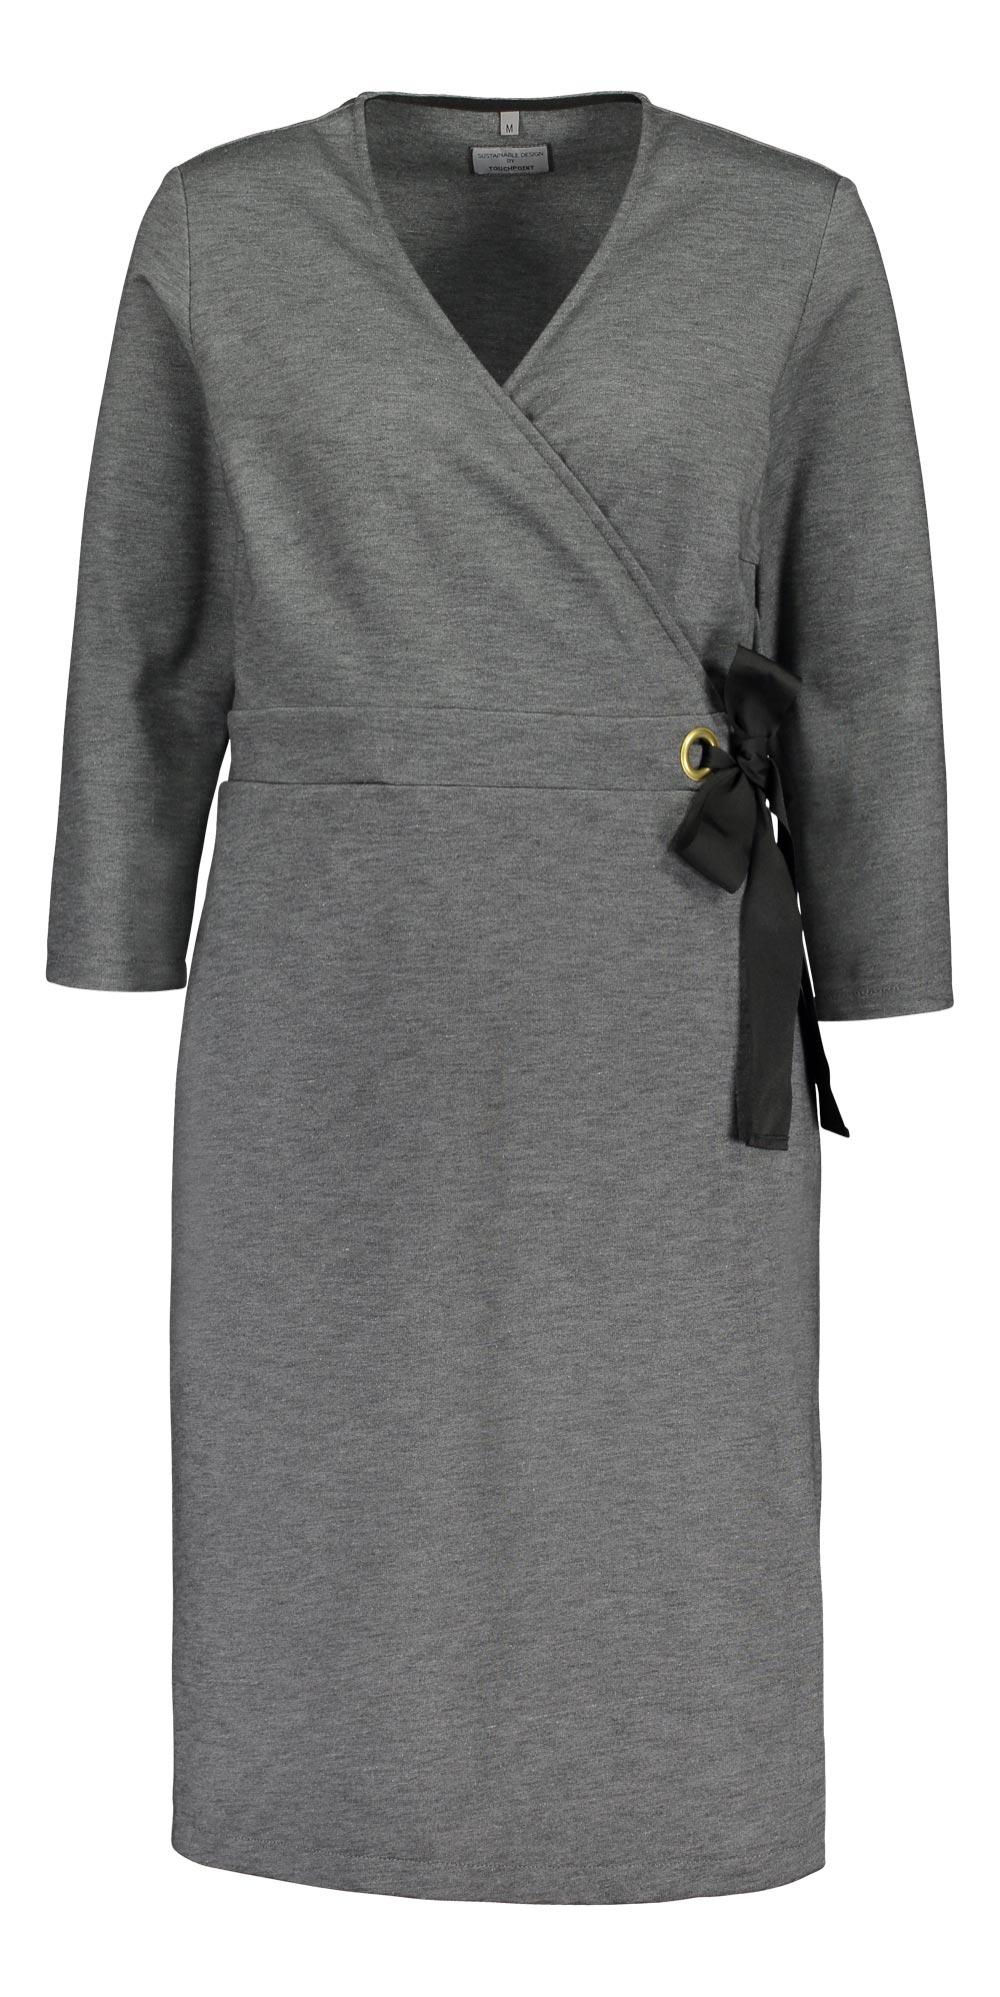 Rosella kietaisu mekko, harmaa